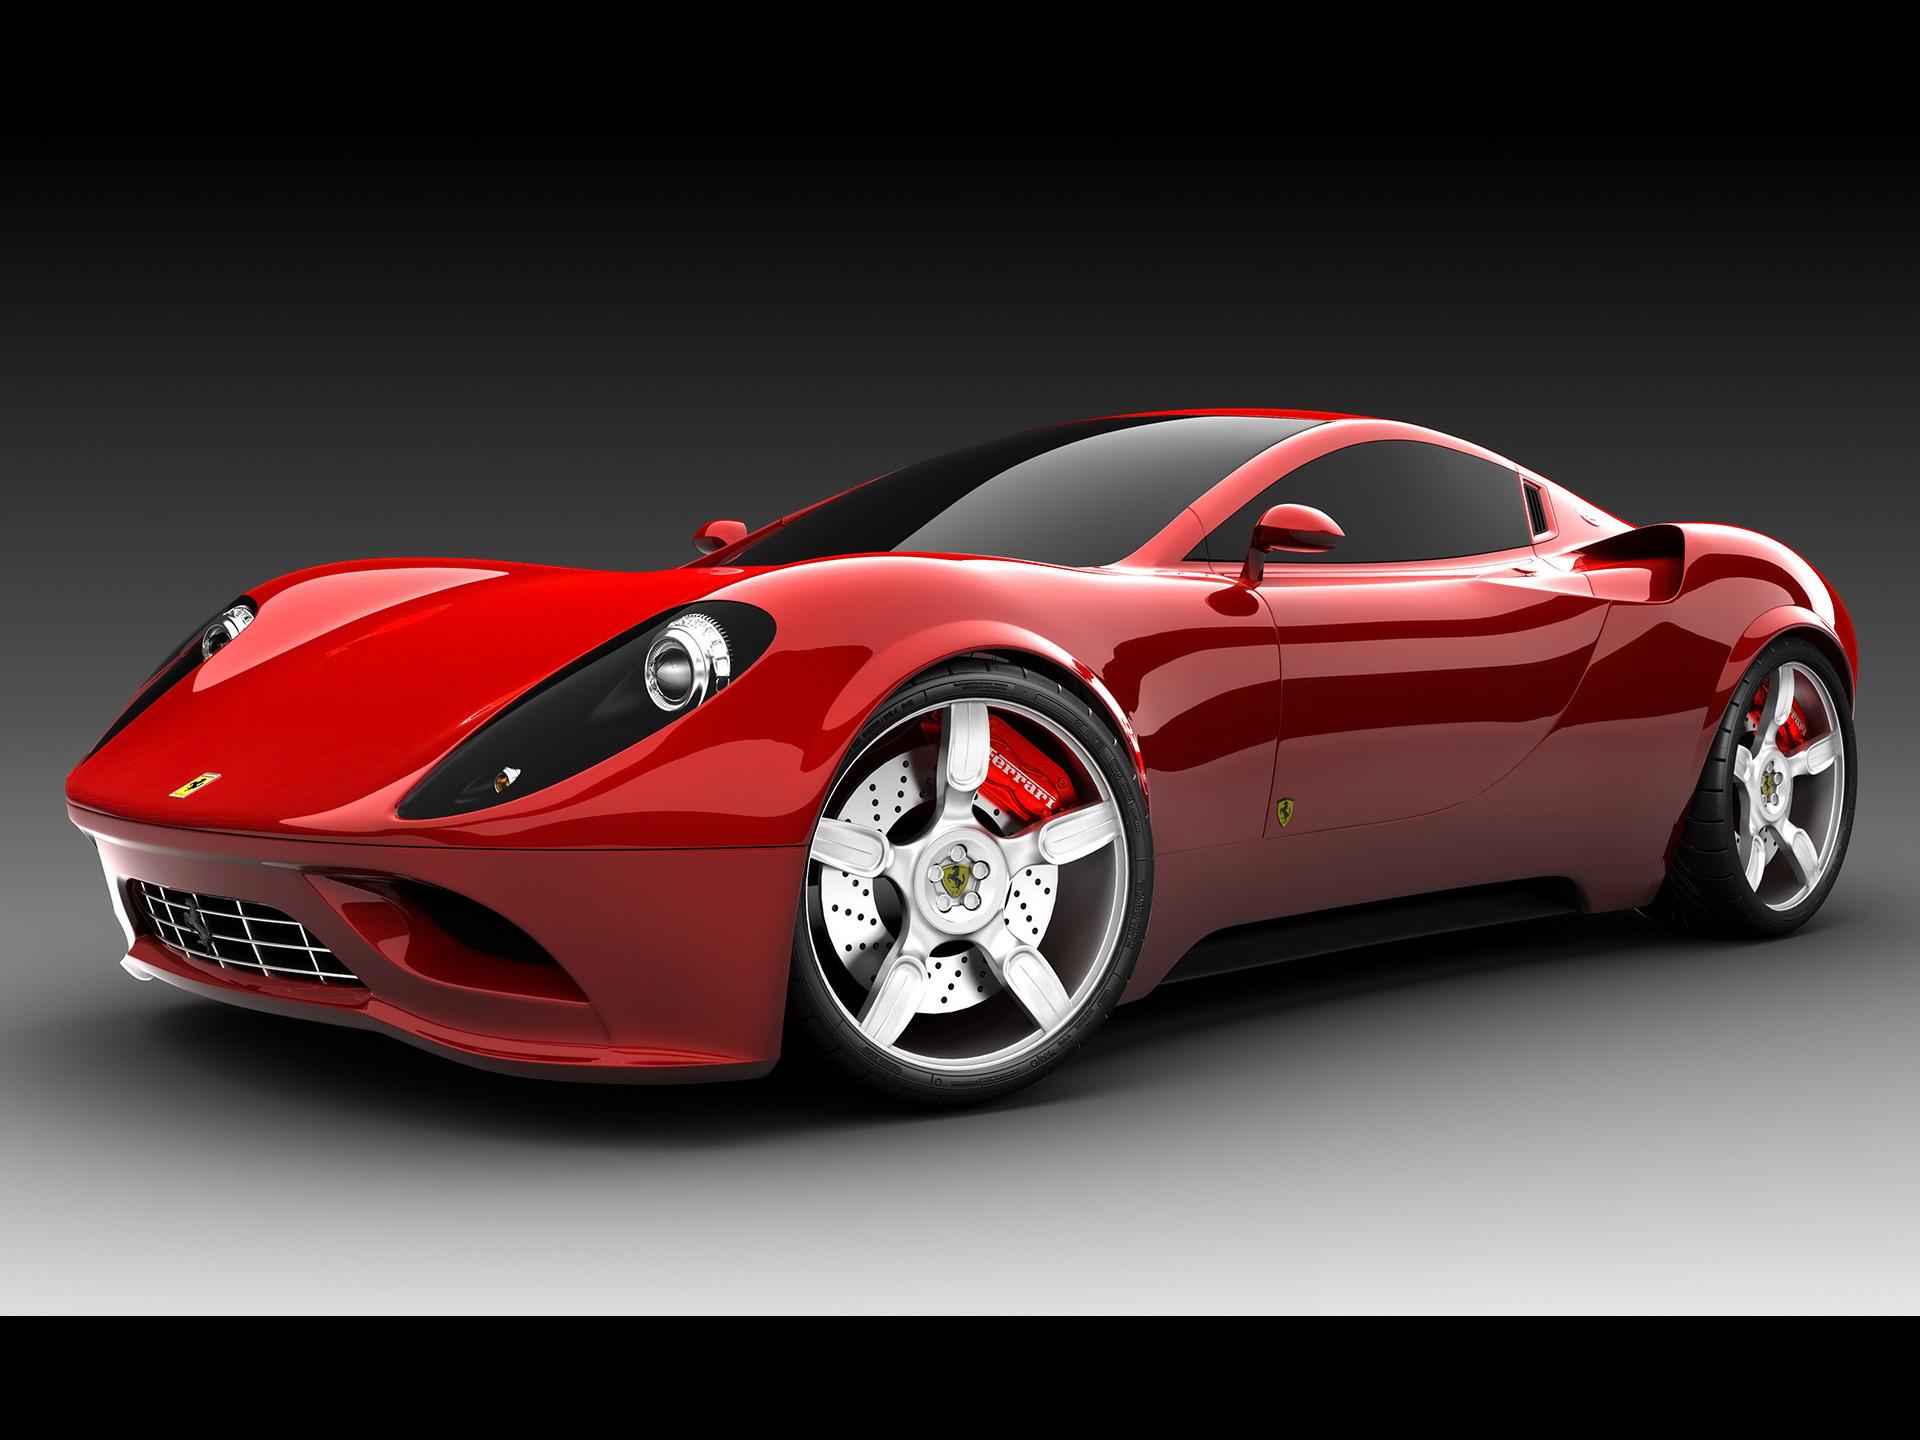 Ferrari Dino Picture 45028 Ferrari Photo Gallery